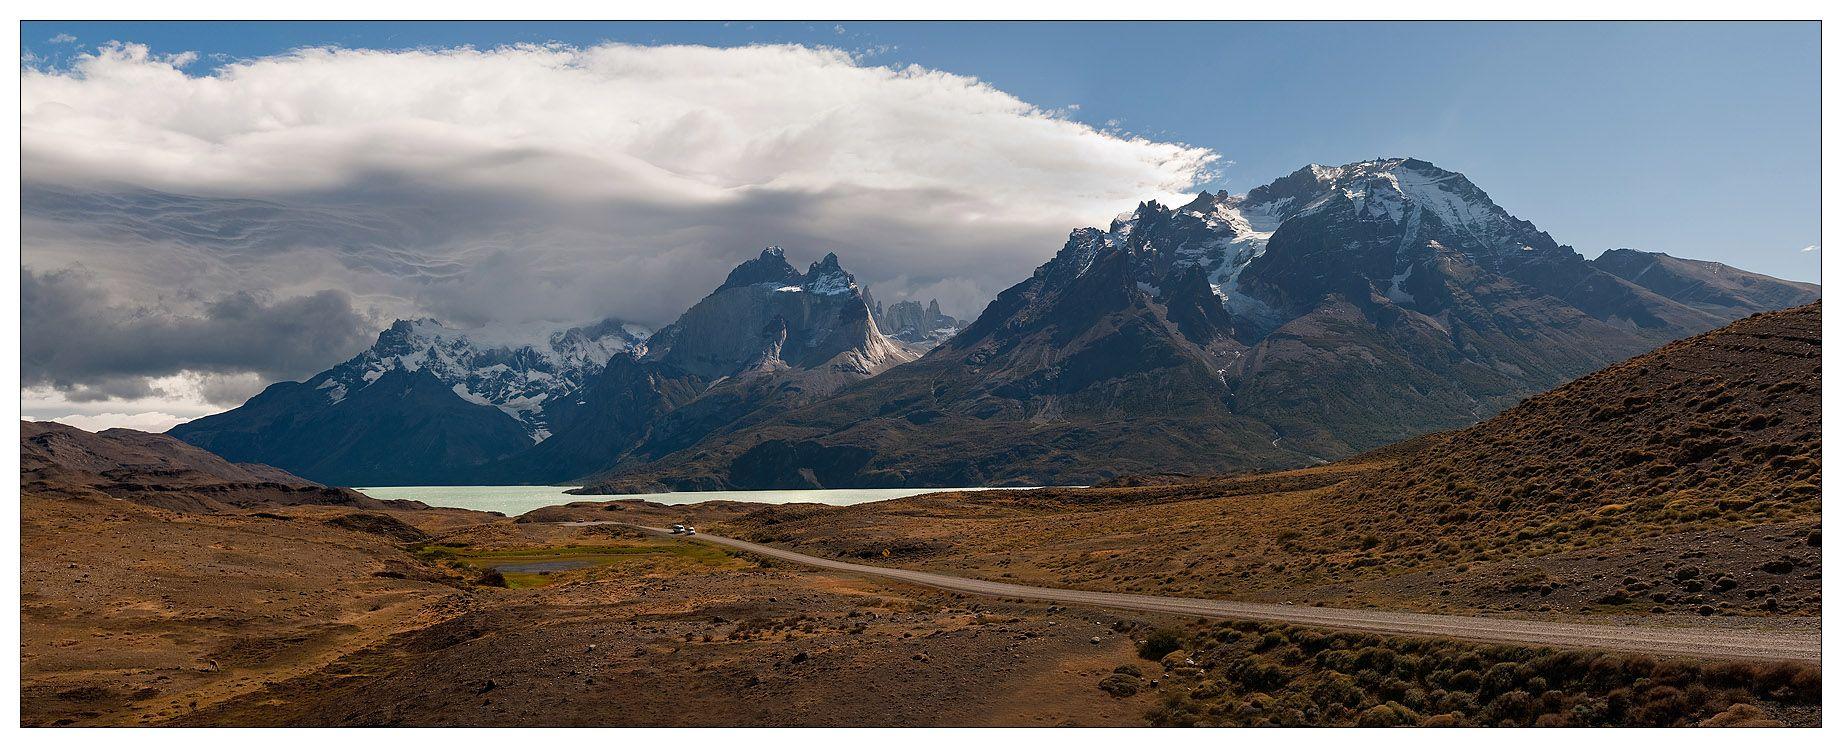 Национальный парк Торрес-дель-Пайне расположен на юге Чили, в Патагонии. Административно относится к региону Магальянес и Чилийская Антарктика и лежит в 140 километрах севернее города Пуэрто-Наталес и в 312 километрах севернее Пунта-Аренас. На севере Торрес-дель-Пайне граничит с Аргентиной, на его западе лежит глетчер Грей с озером Лаго-Грей, на юге — озеро Лаго-дель-Торо, на востоке — озеро Сармиенто-де-Гамбоа.Площадь национального парка равна 2420 км². На его территории имеются многочисленные горы (высотой до 3000 м), глетчеры, фьорды и озёра. Торрес-дель-Пайне являются символом национального парка. Это три иглоподобные гранитные горы высотой от 2600 до 2850 метров, расположенные в центре национального парка. Южнее этих гор находится озеро Норденшельда, названное так в честь шведского исследователя Эрика Адольфа Норденшельда. Наивысшей точкой парка является гора Пайне-Гранде высотой в 3050 м.